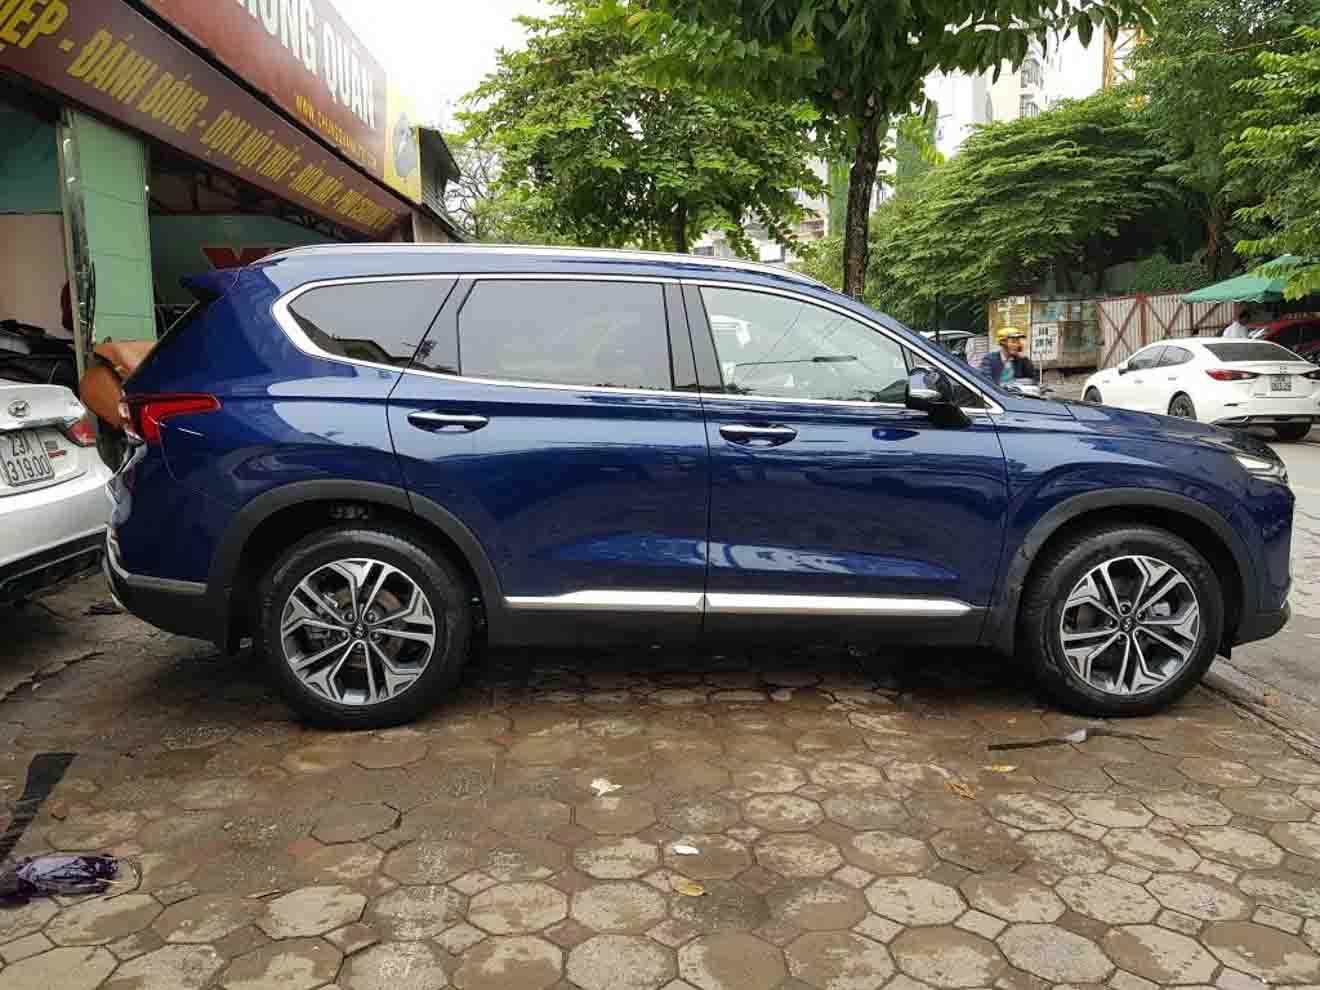 Hyundai SantaFe 2019 bất ngờ xuất hiện trên đường phố Hà Nội - 3